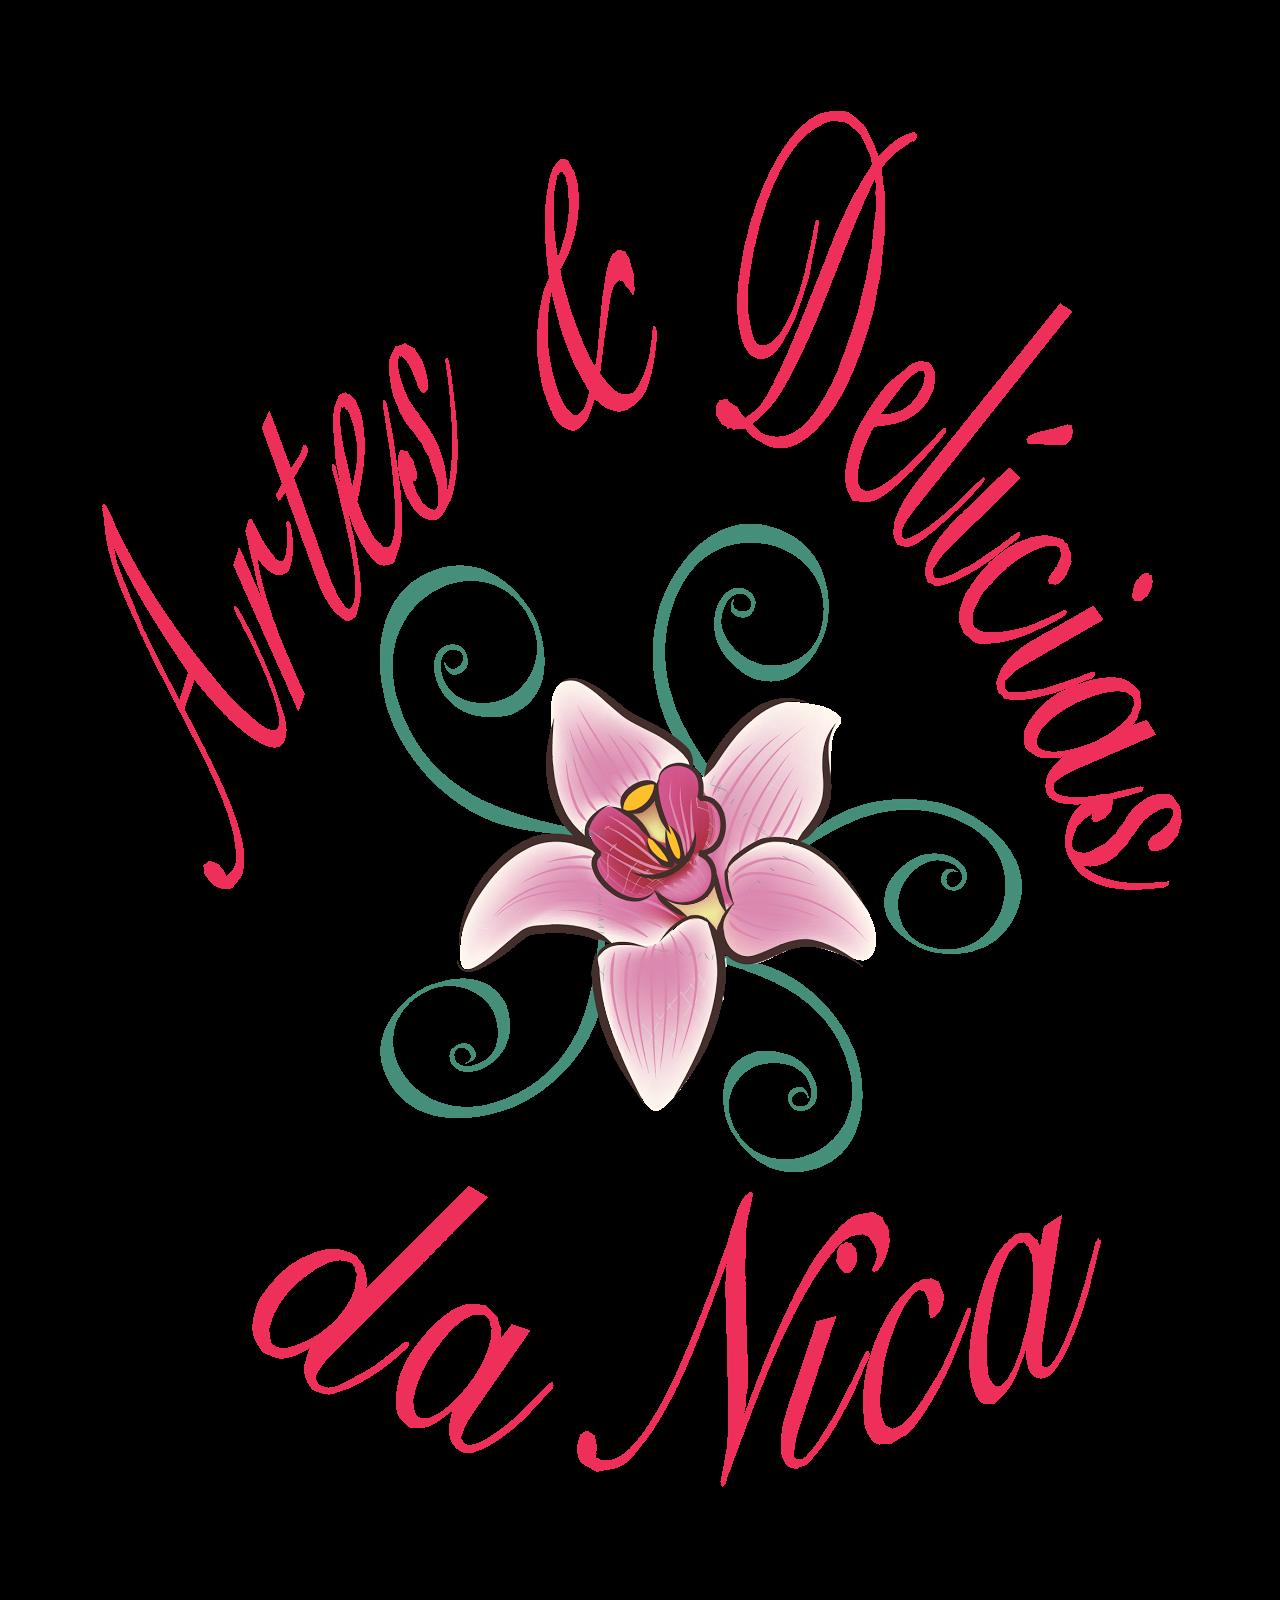 Artes & Delícias da Nica